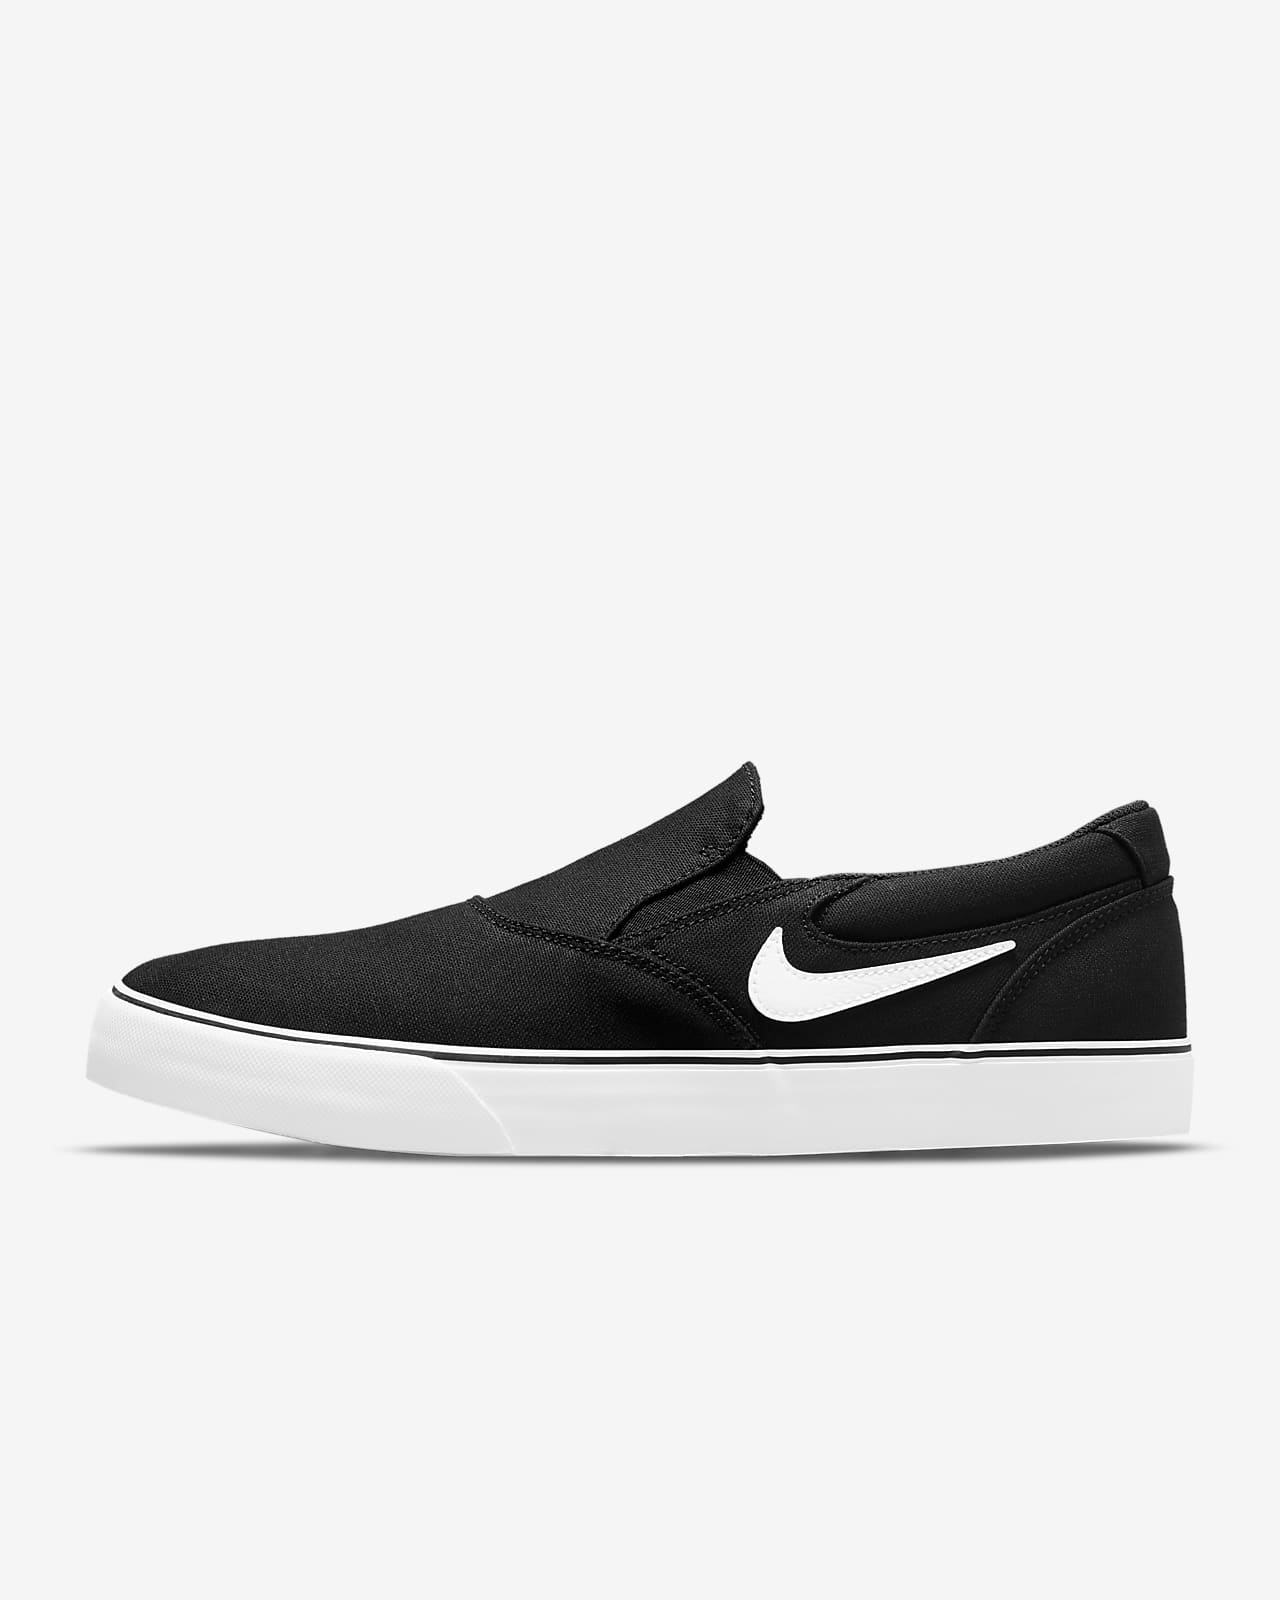 Nike SB Chron 2 Slip Skate Shoe